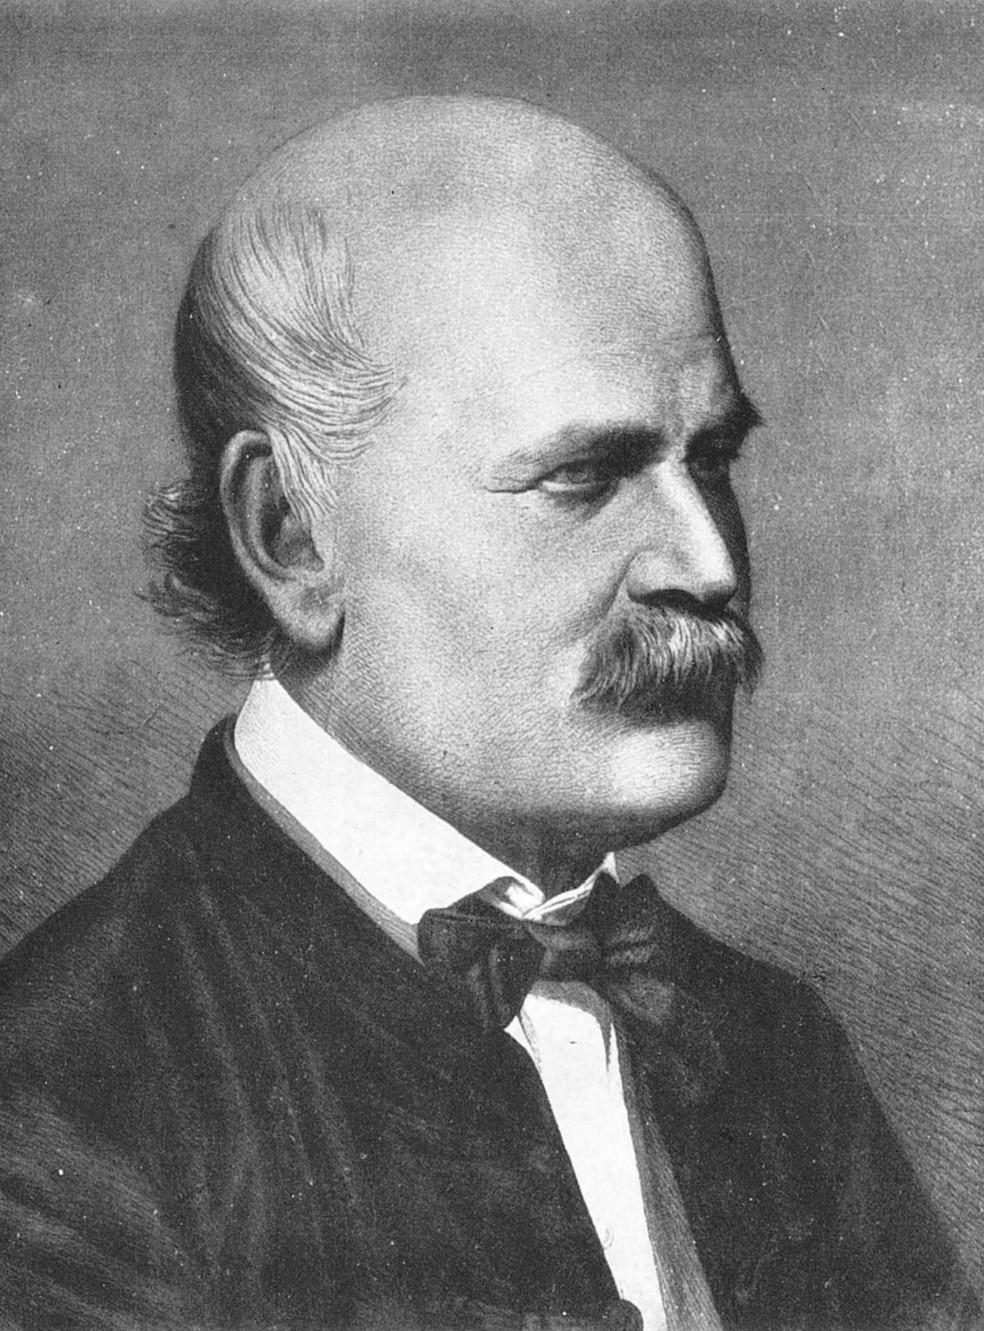 Ignaz Semmelweis, o médico colocado em manicômio por insistir na importância de se lavar as mãos